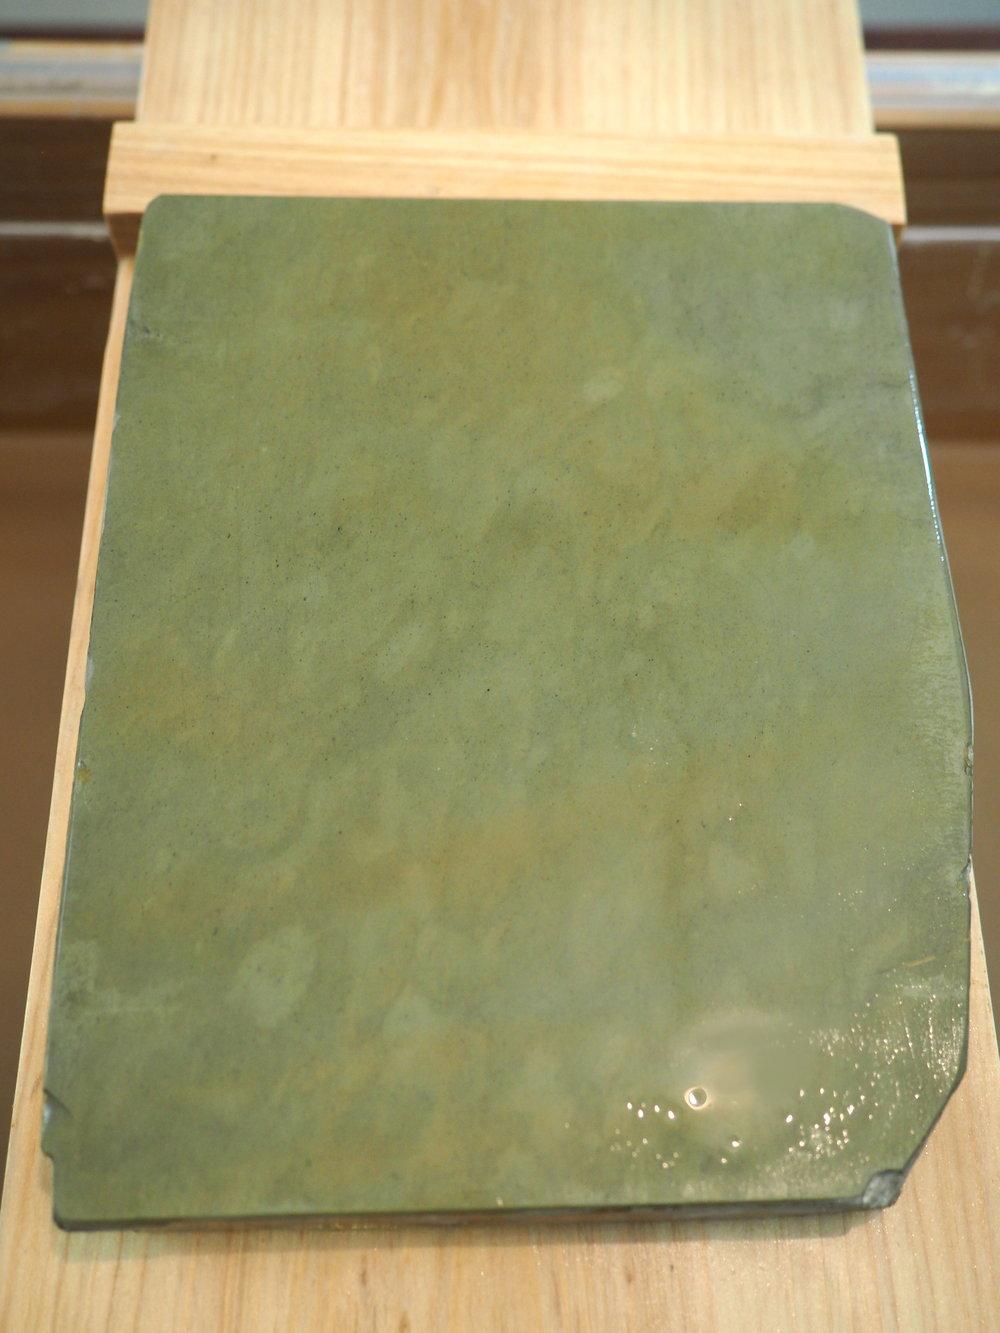 Aiiwatani Asagi Koppa front.jpg